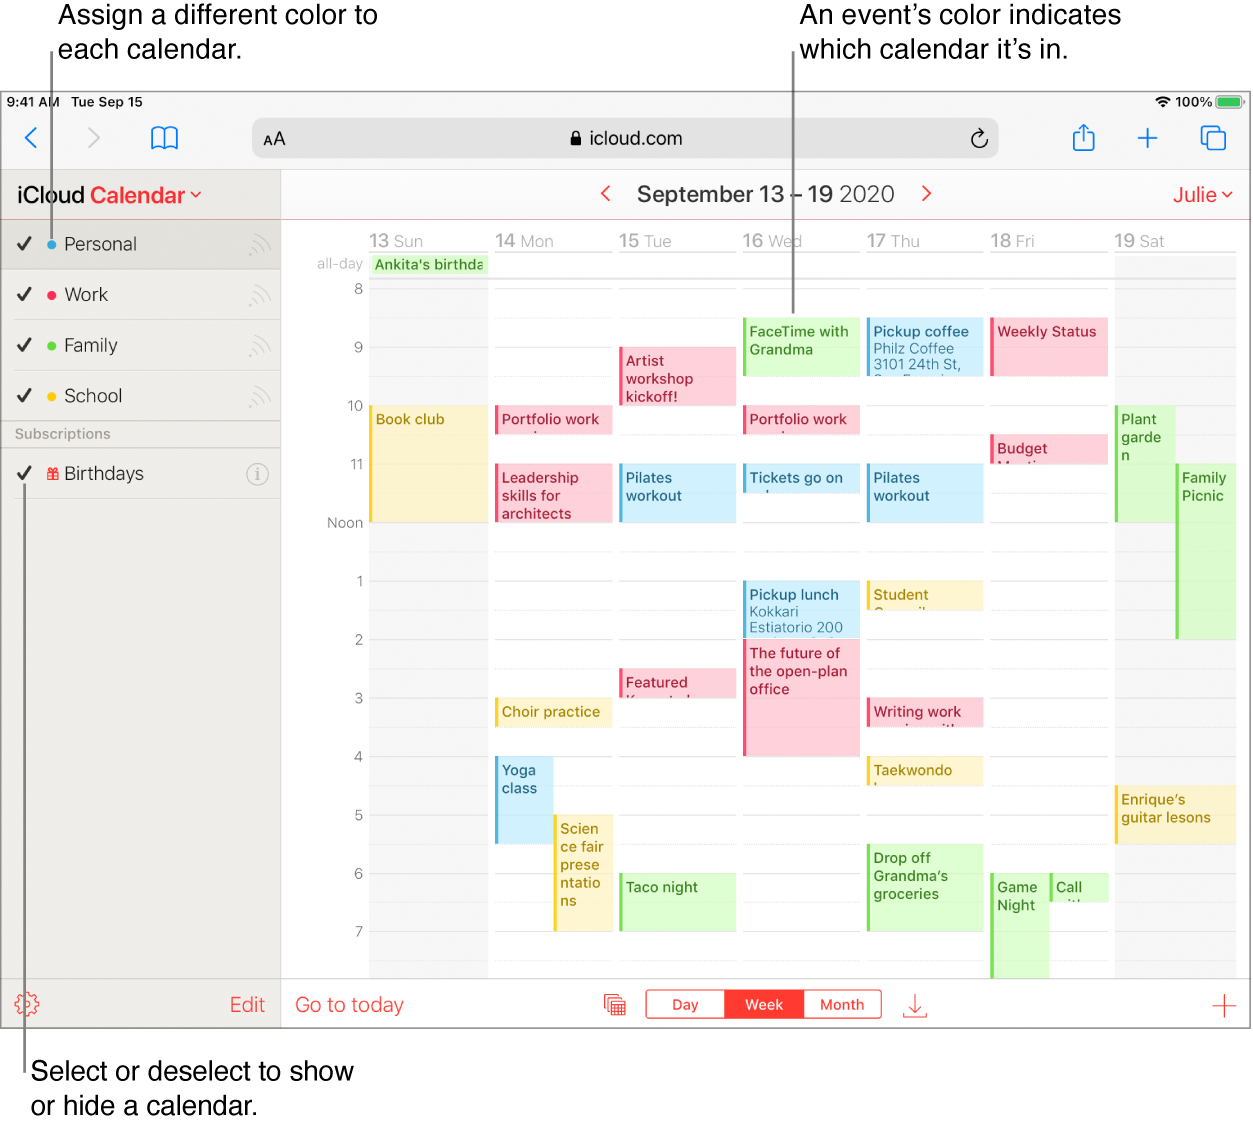 Fereastra aplicației Calendar iCloud, cu mai multe calendare vizibile. Atribuiți o culoare diferită fiecărui calendar. Culoarea unui eveniment indică tipul de calendar din care face parte. Selectați sau deselectați o bifă pentru a afișa sau a ascunde un calendar.